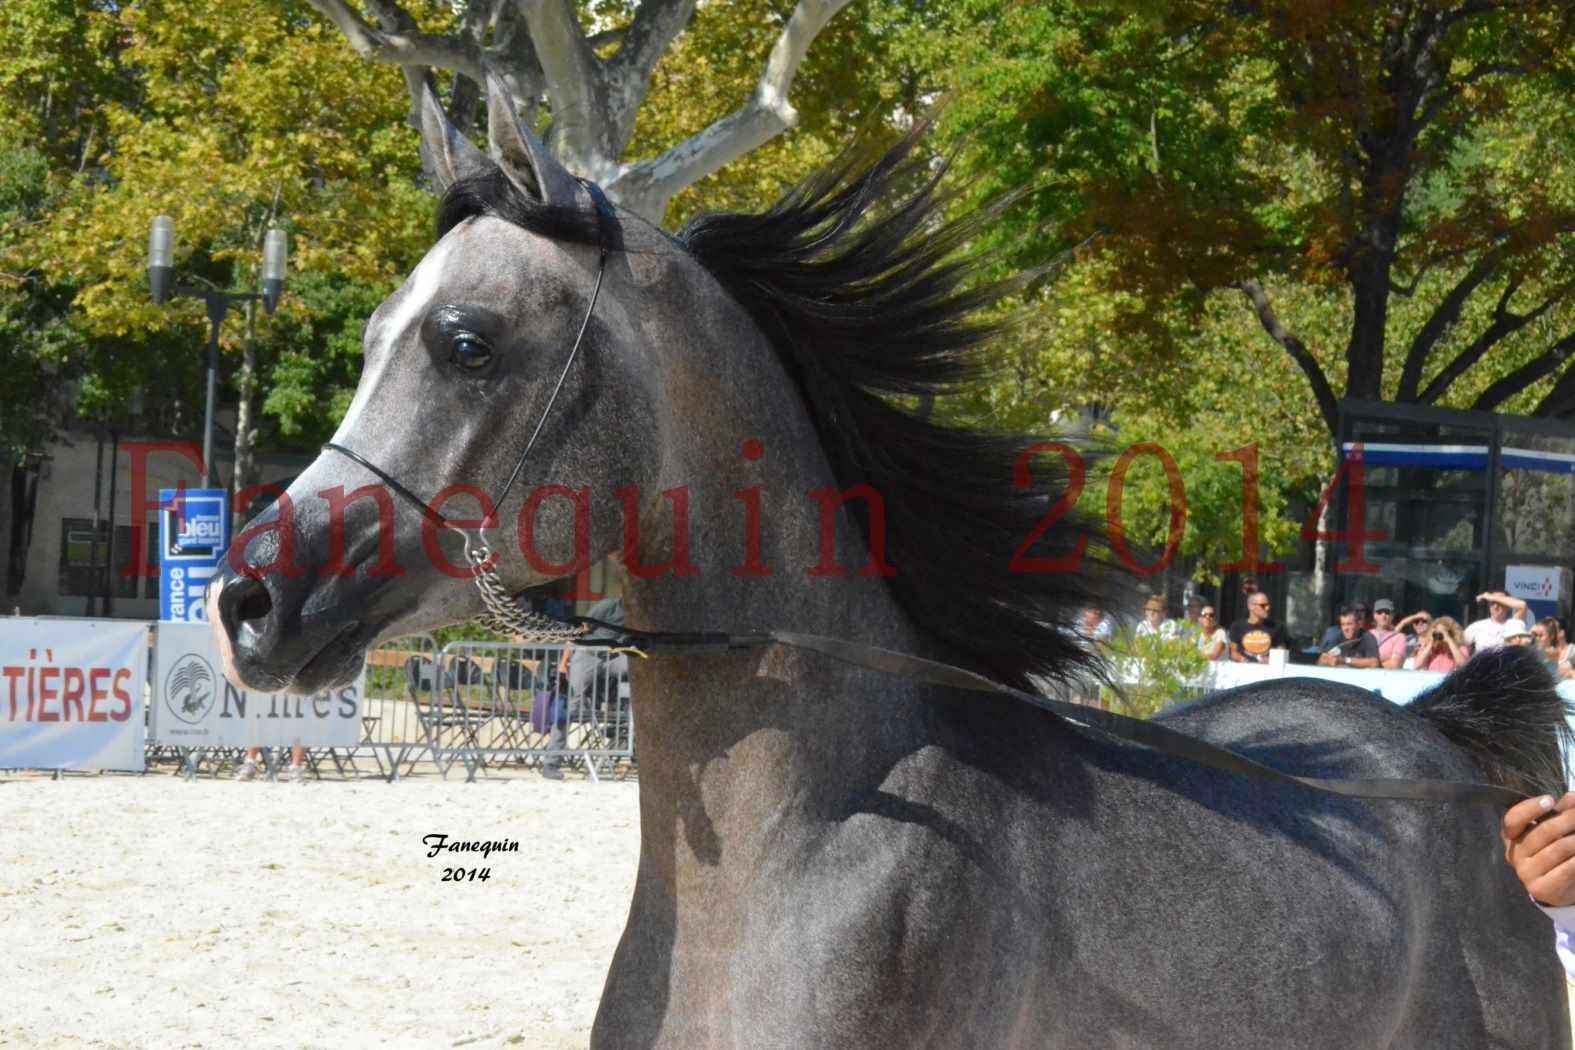 Concours National de Nîmes de chevaux ARABES 2014 - Notre Sélection - Portraits - JOSEPH'S BOUZIOLS - 01